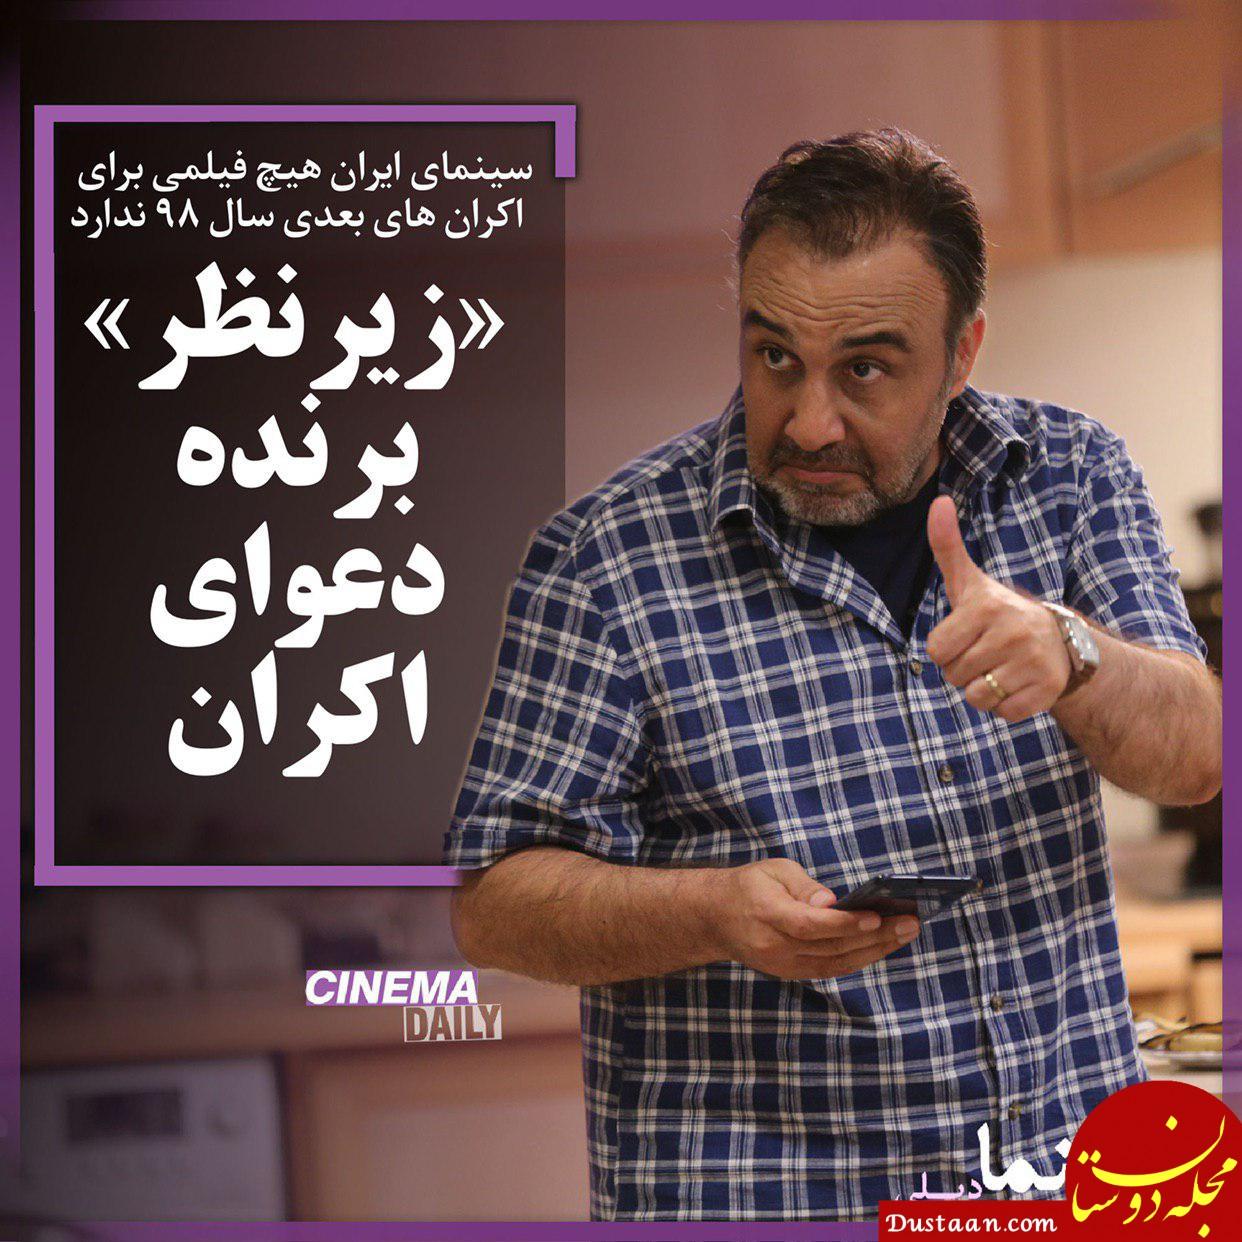 www.dustaan.com سینمای ایران همه فیلم هایش را در سه ماه خرج کرد!